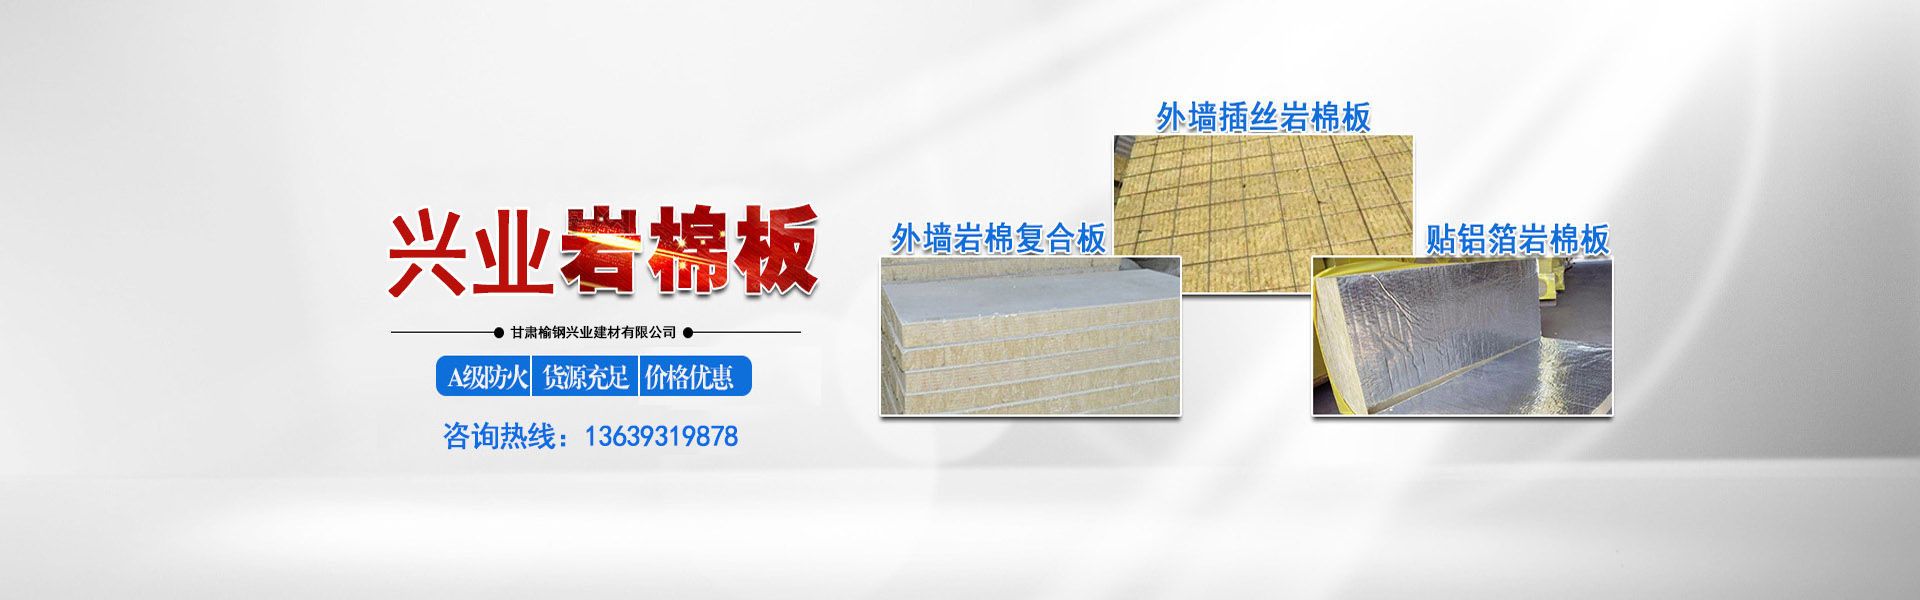 甘肃榆钢兴业建材有限公司专业生产兰州岩棉板。